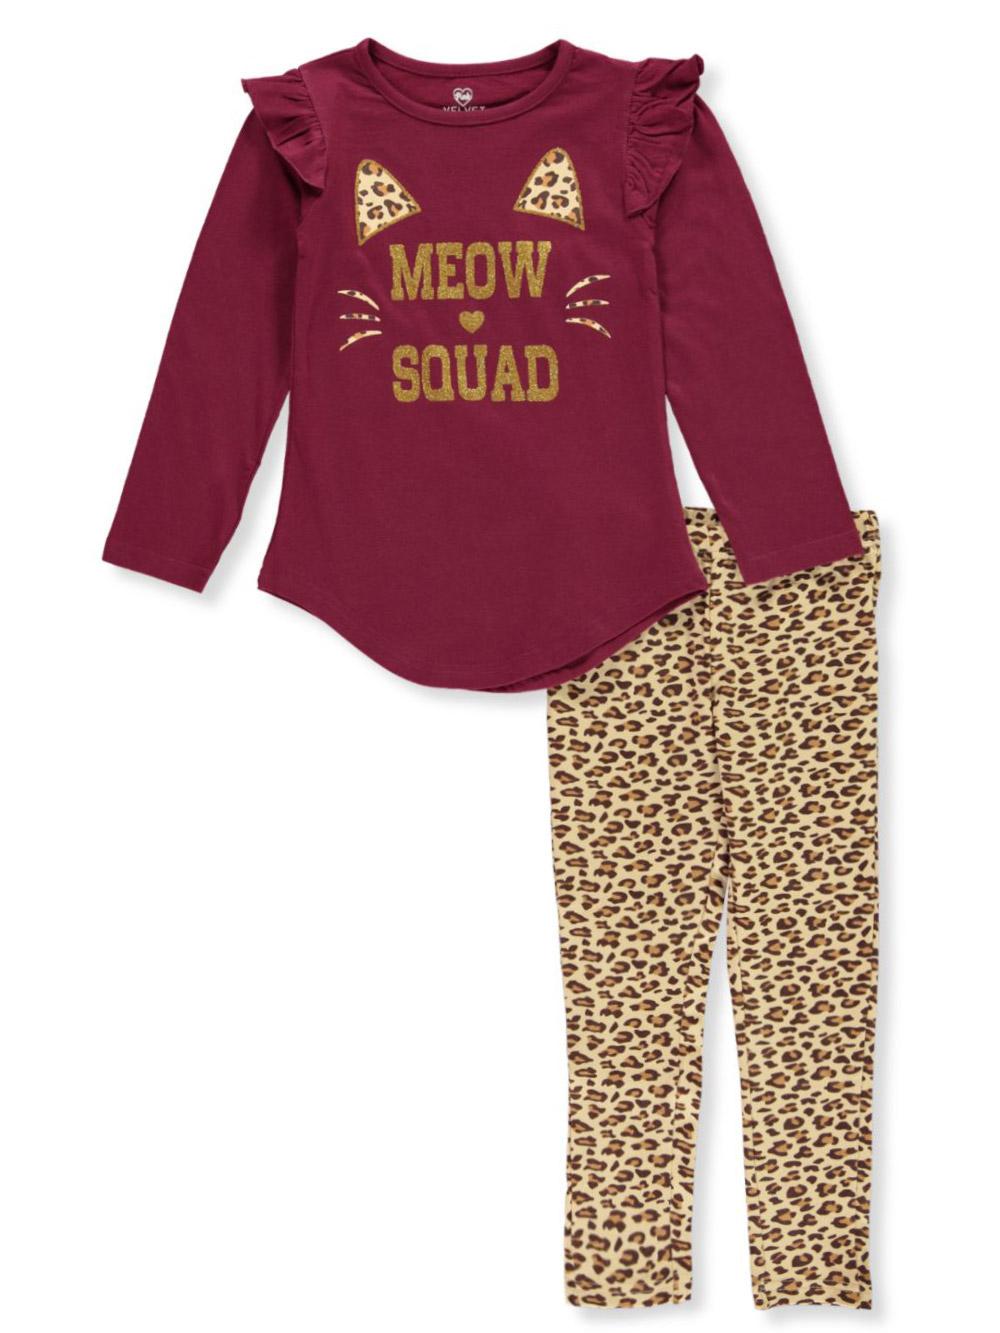 NWT Bobbie Brooks Girls 2 Piece Outfit So Soft Legging Set CUPCAKE SQUAD SO CHIC